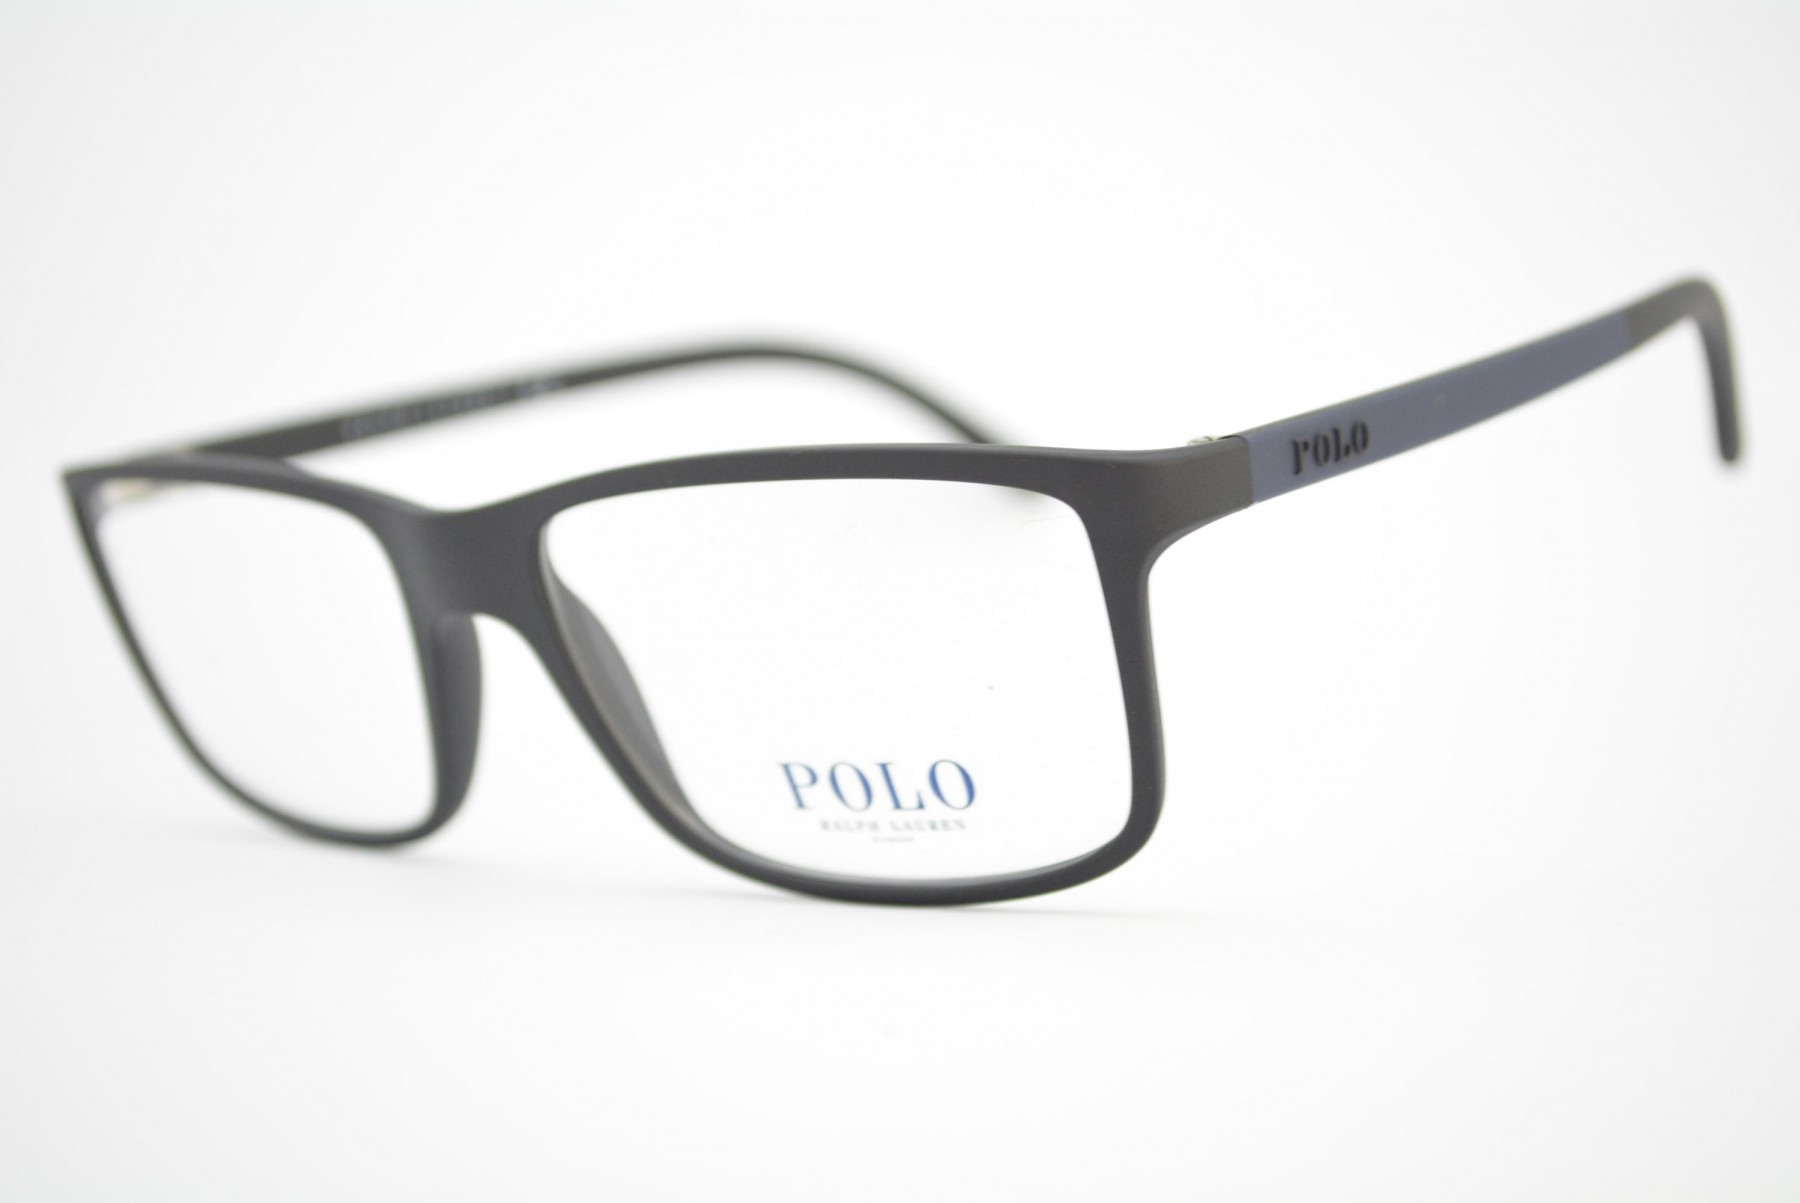 5d2e33178c8fd armação de óculos Polo Ralph Lauren mod ph2126 5505 Ótica Cardoso